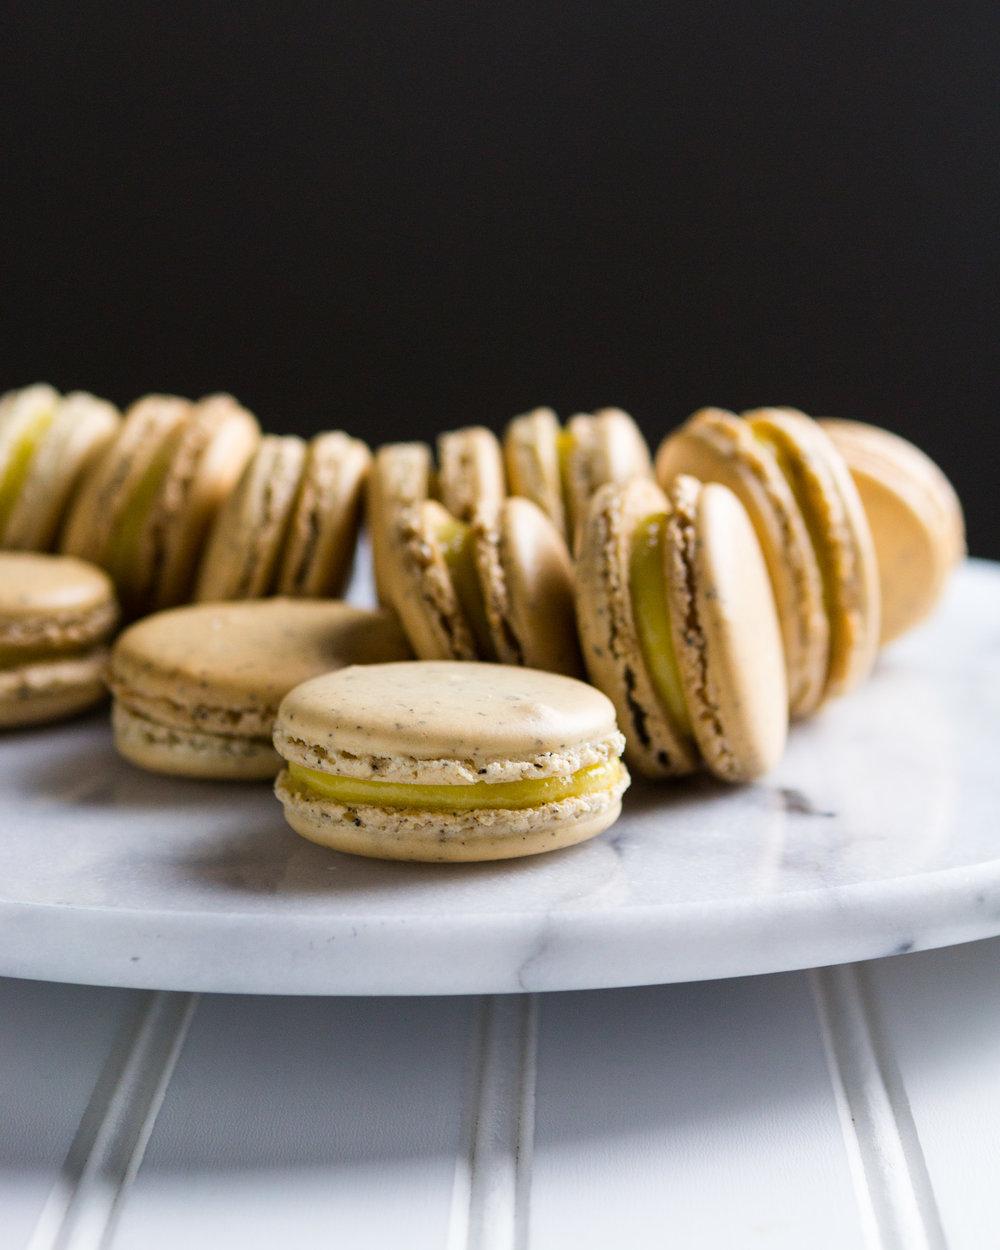 earl-grey-macarons-lemon-curd-10.jpg